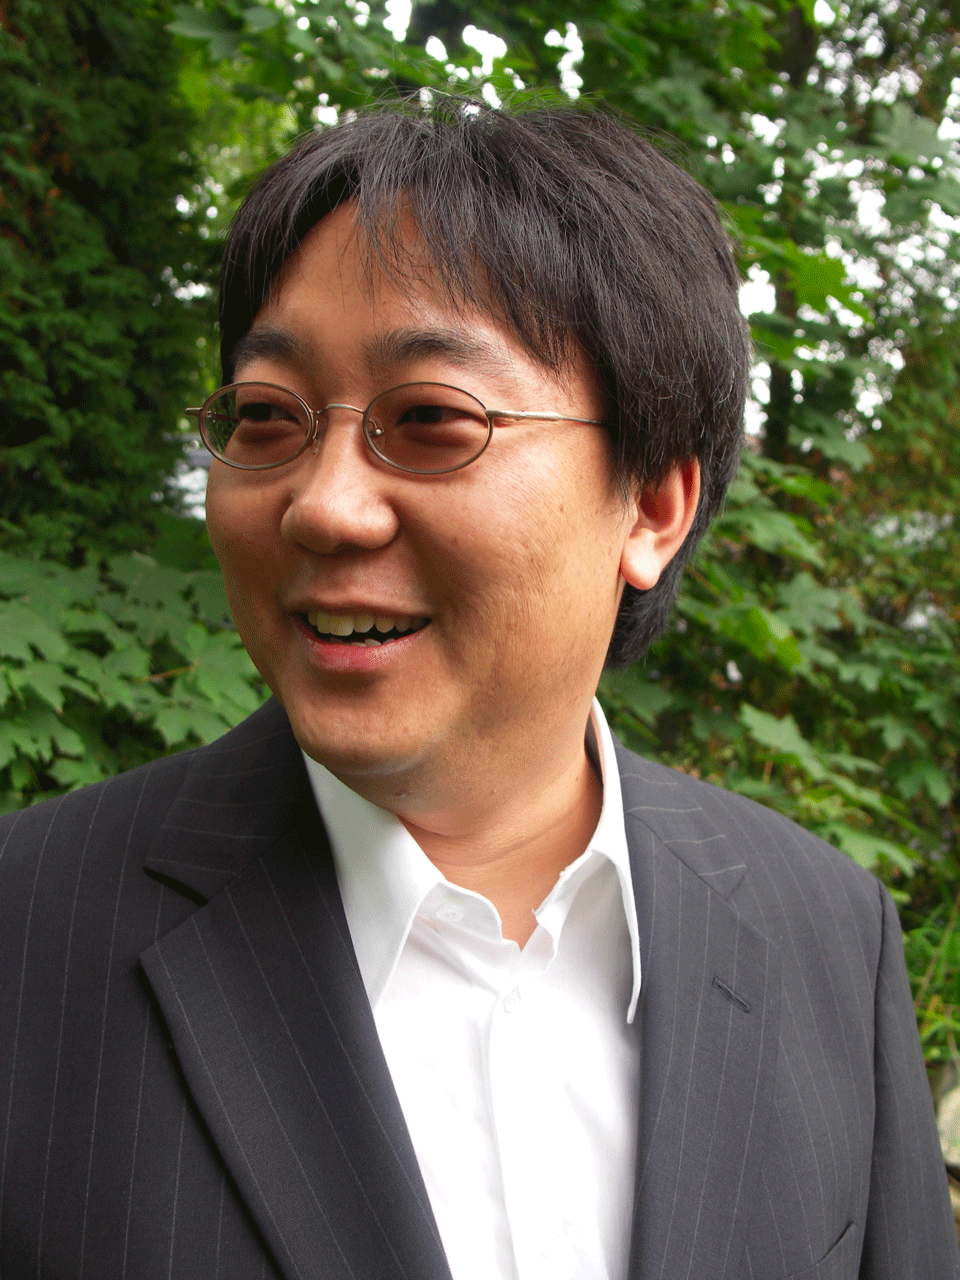 Jae Woo Lee